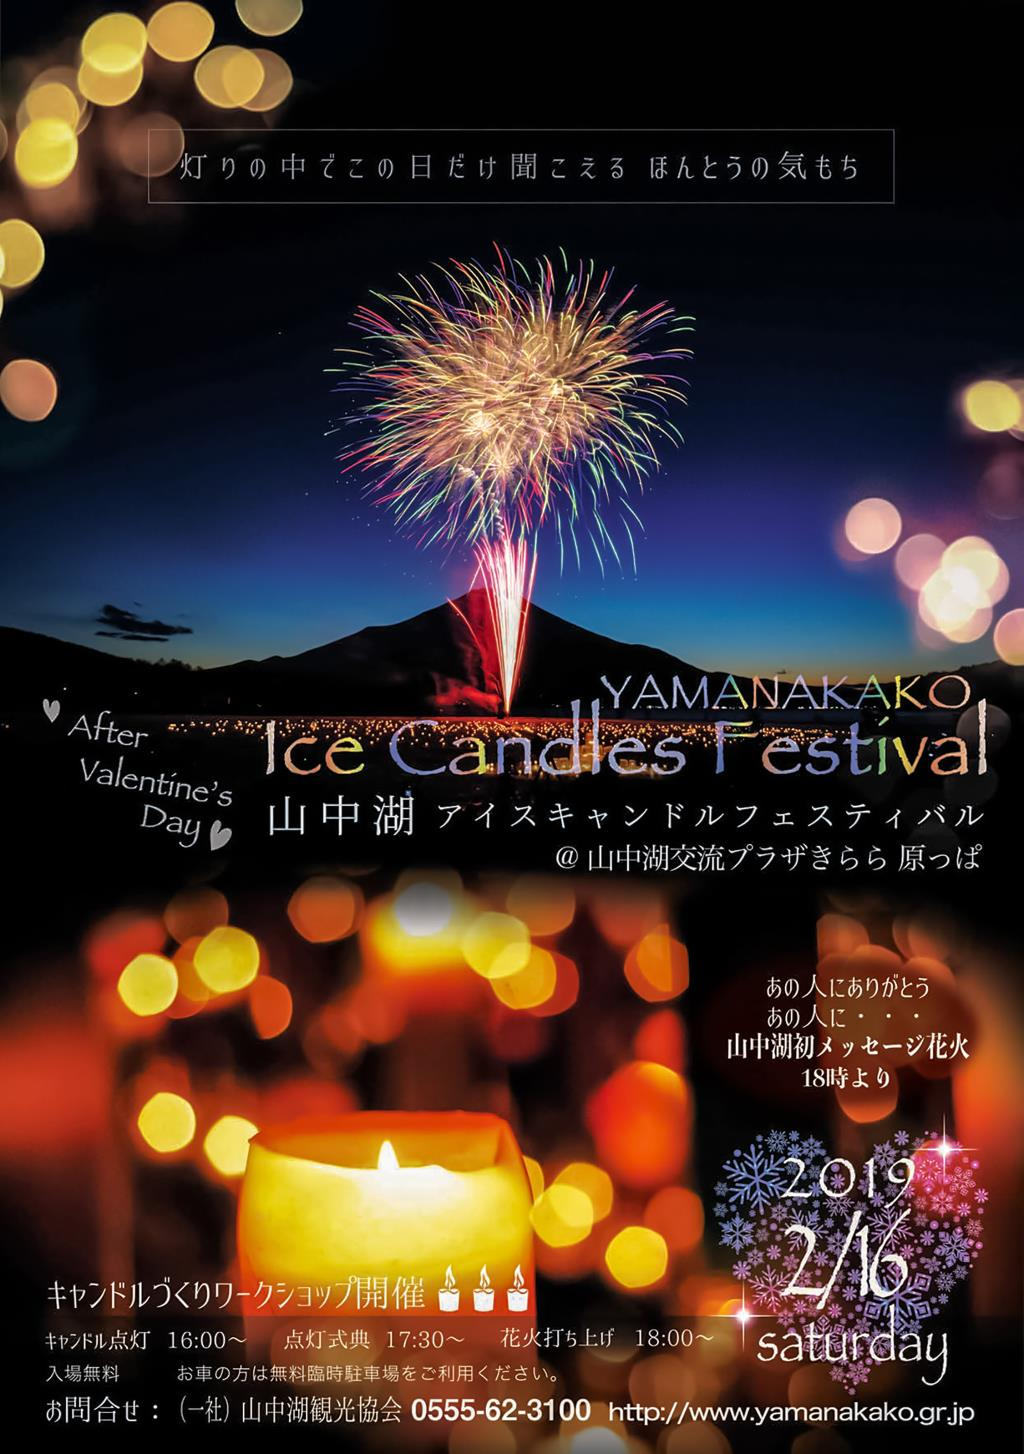 山中湖アイスキャンドルフェスティバル 山中湖 イベント 1